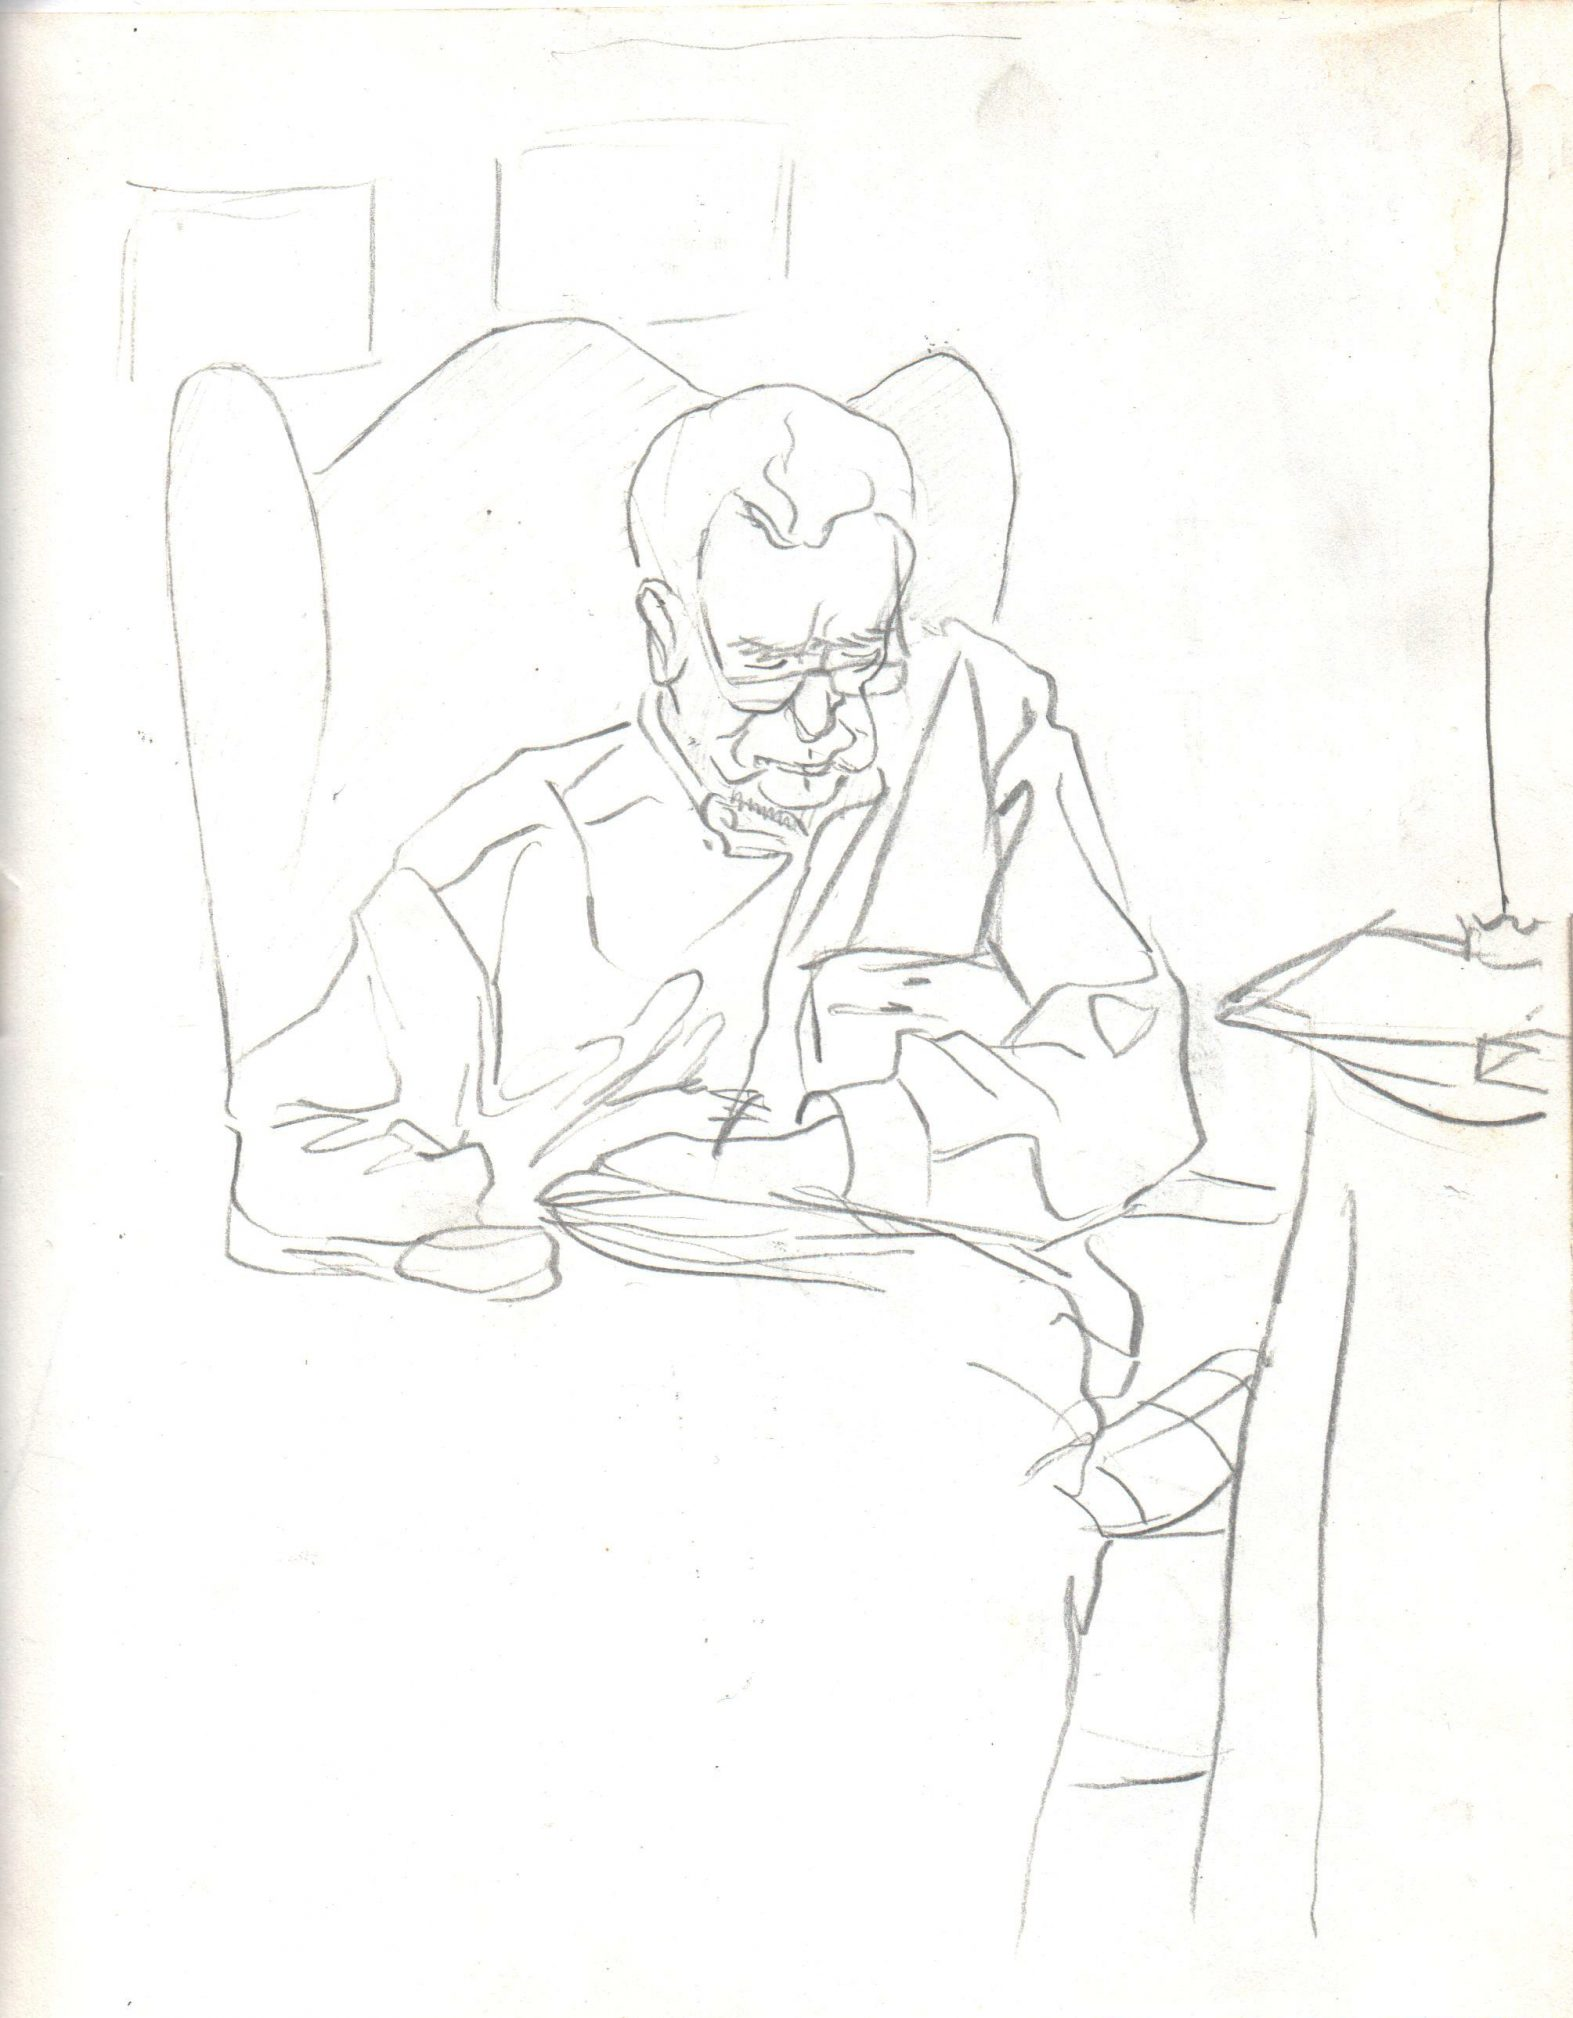 el-yayo-lápiz-grafito-alejandra-caballero-dibujo-linea-retrato